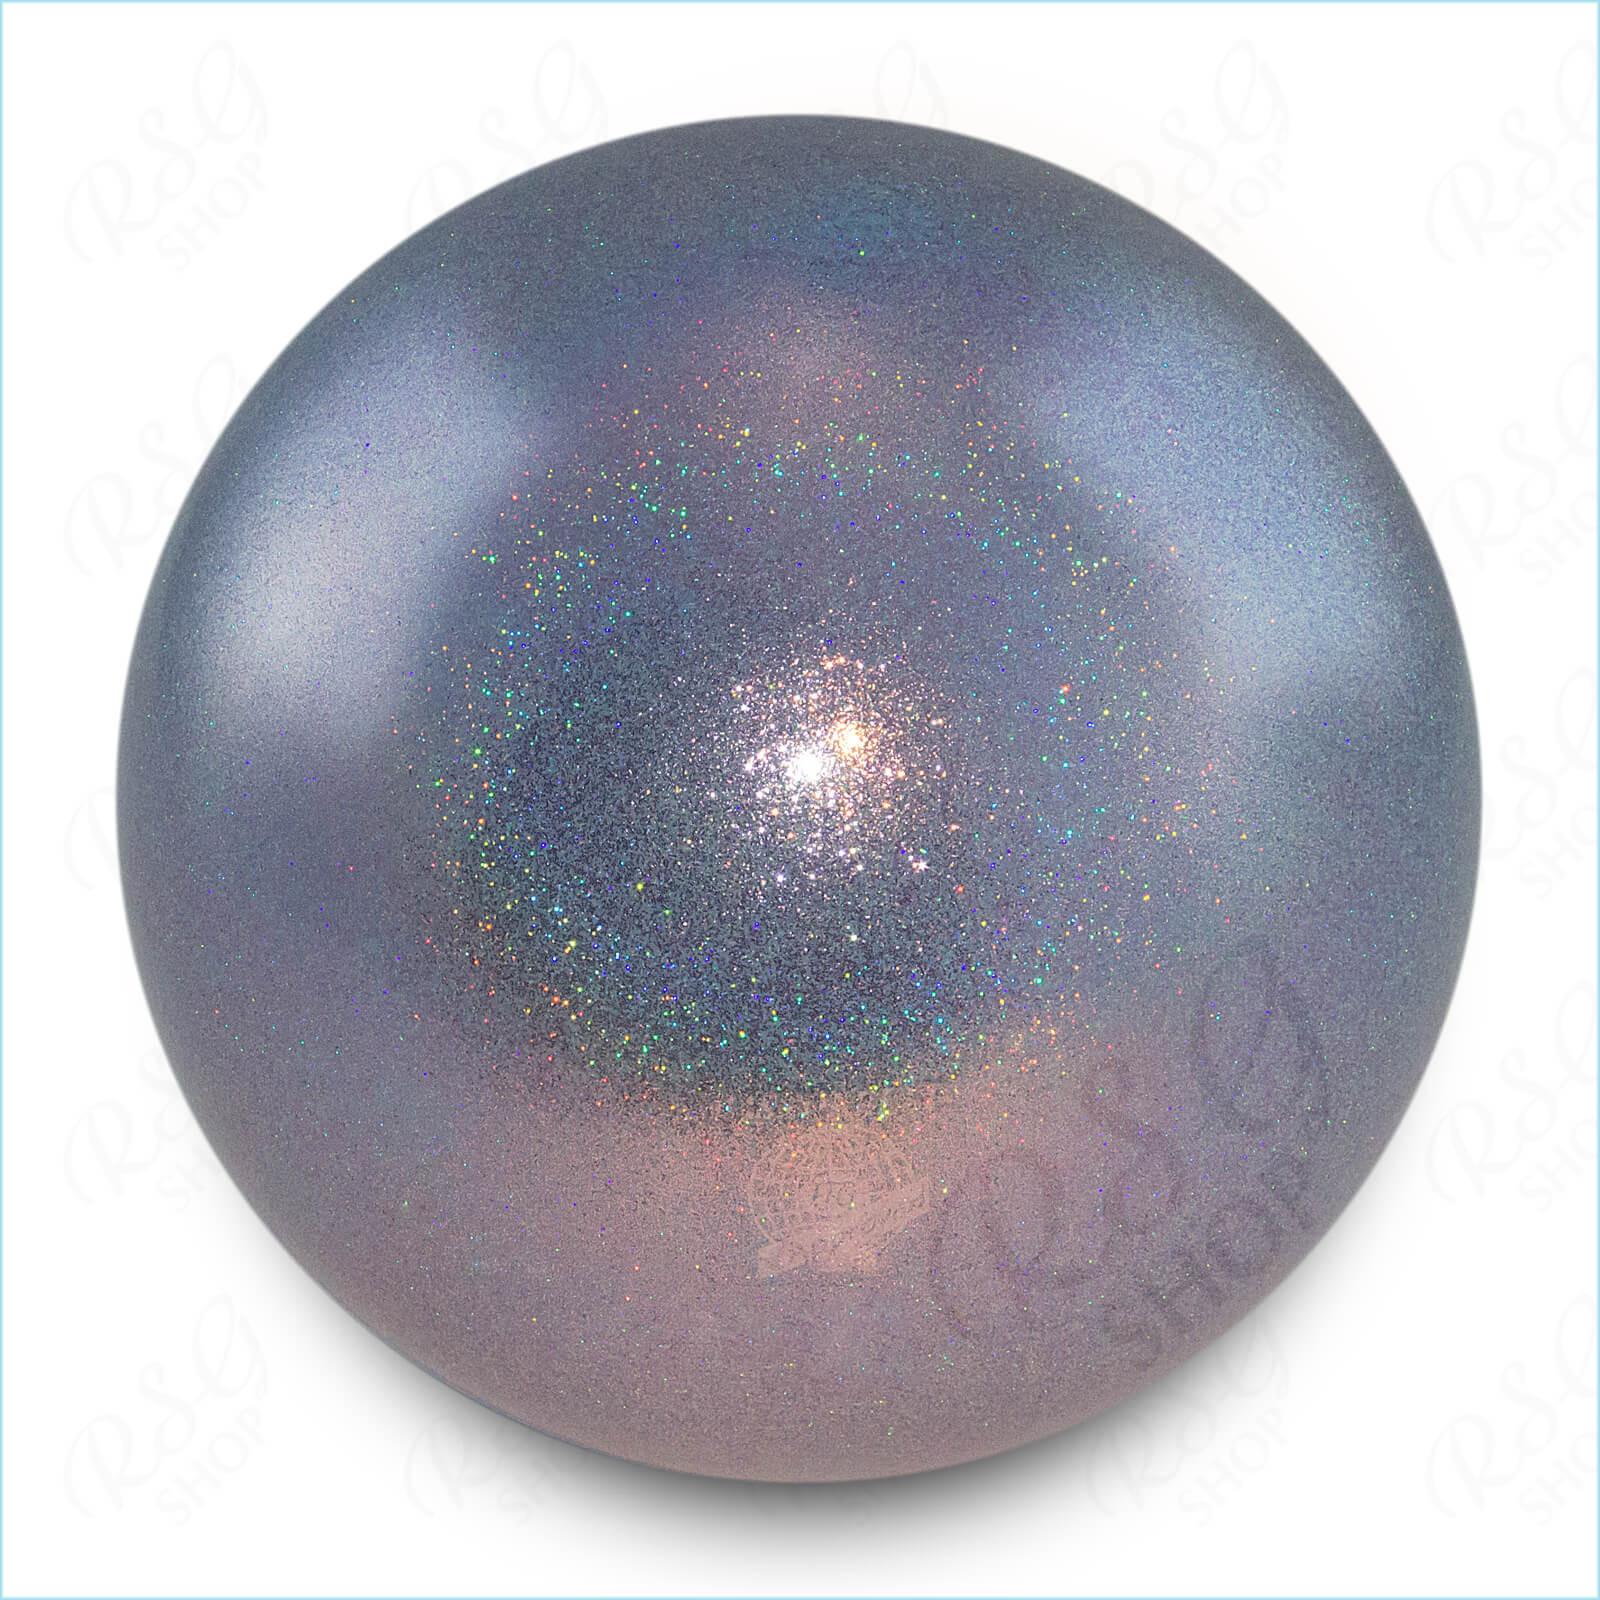 Мяч 18 см Pastorelli HV цвет Глициния Артикул 02923